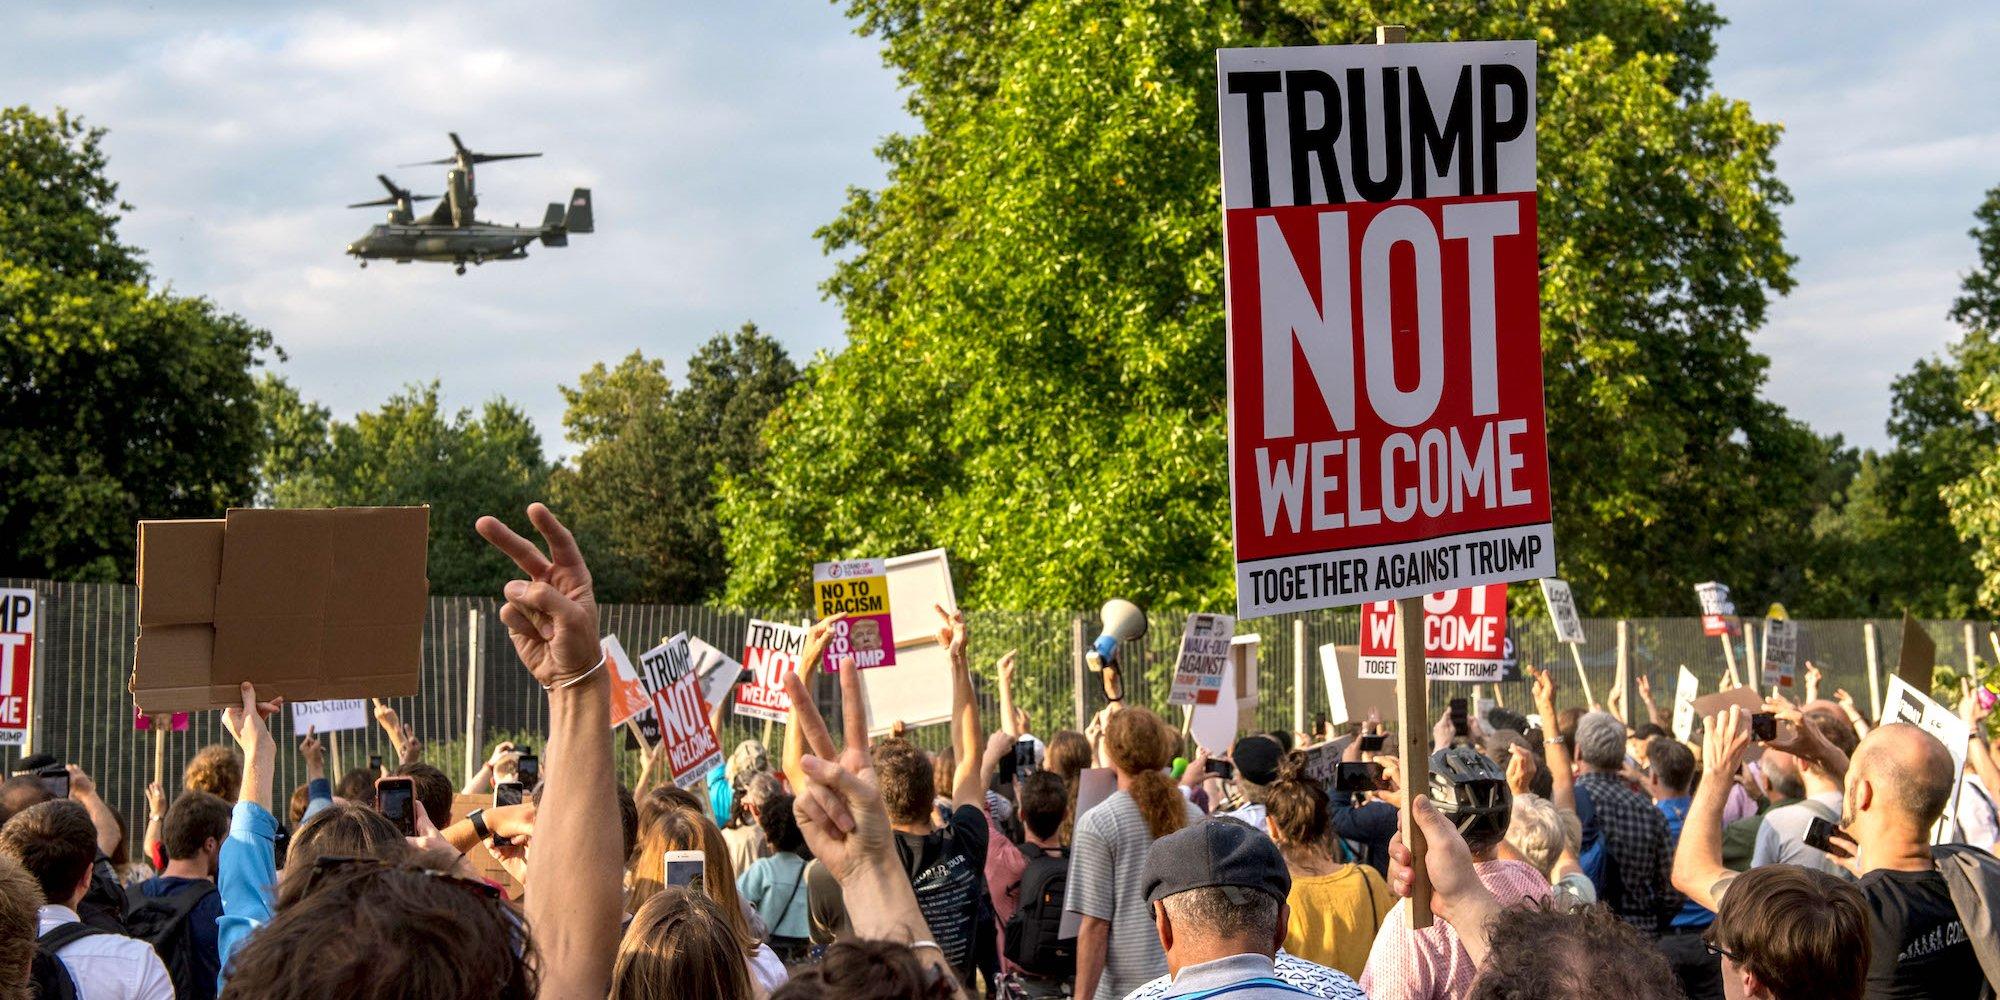 Tổng thống Trump đã gặp phải những cuộc biểu tình chống đối khi đến nước Anh. Nguồn internet.